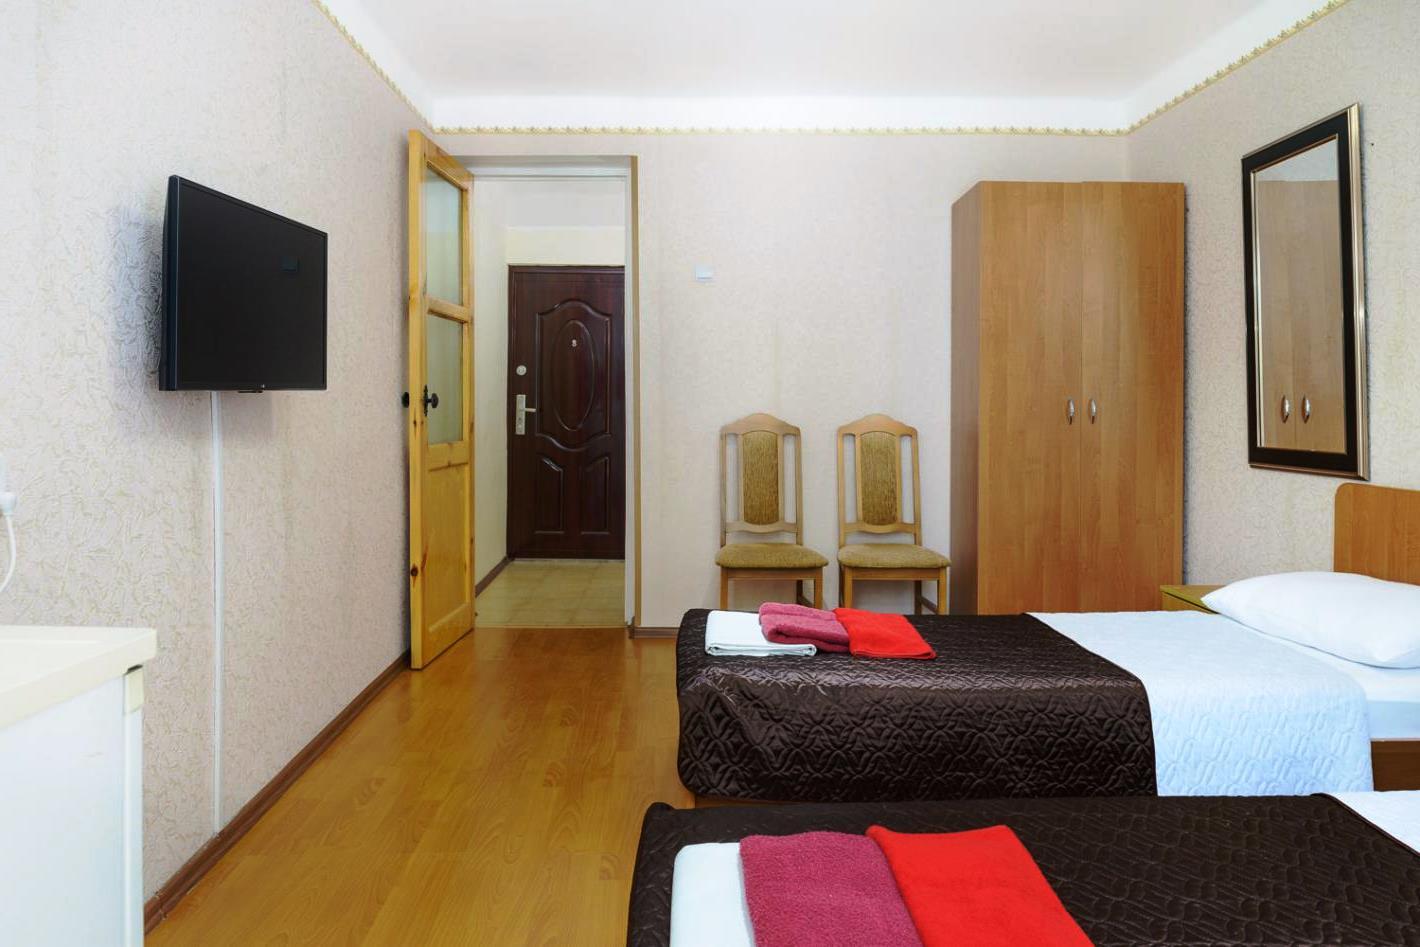 фото отель гагры